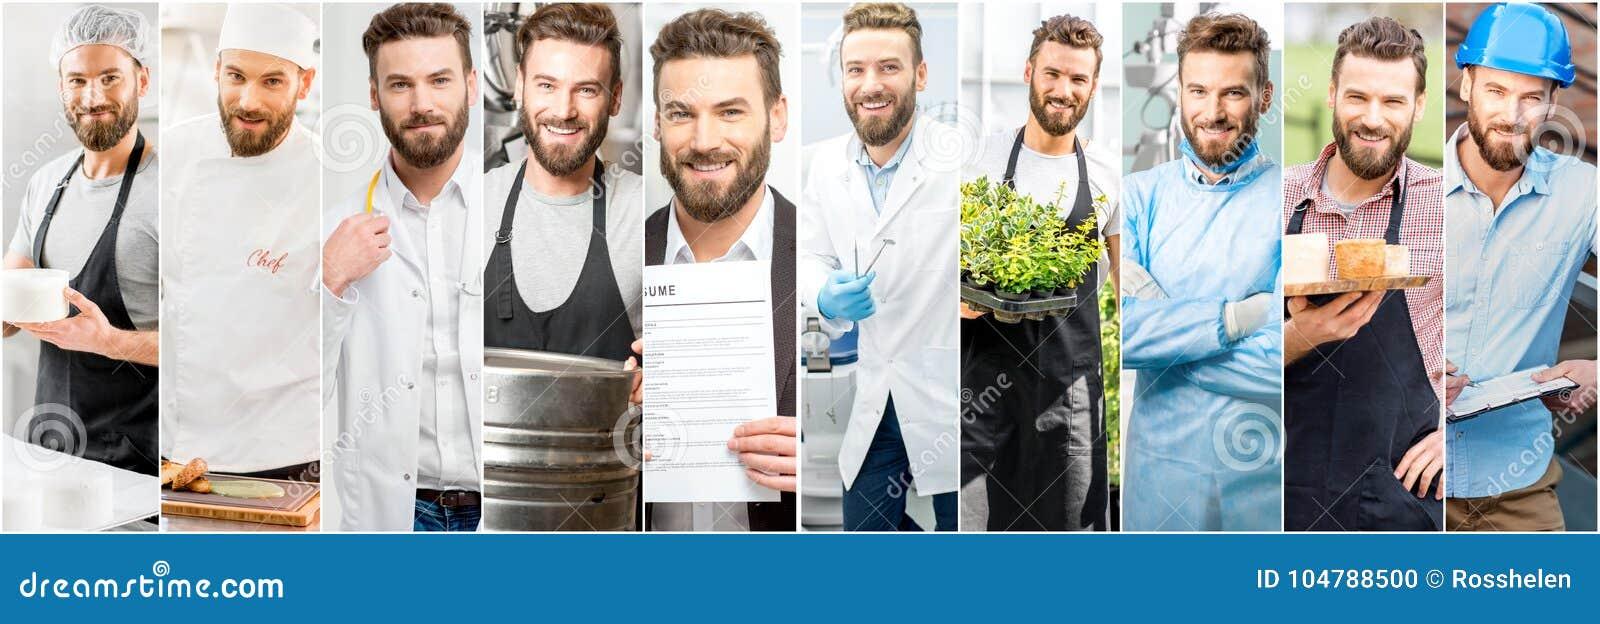 Collage de un hombre con diversas profesiones